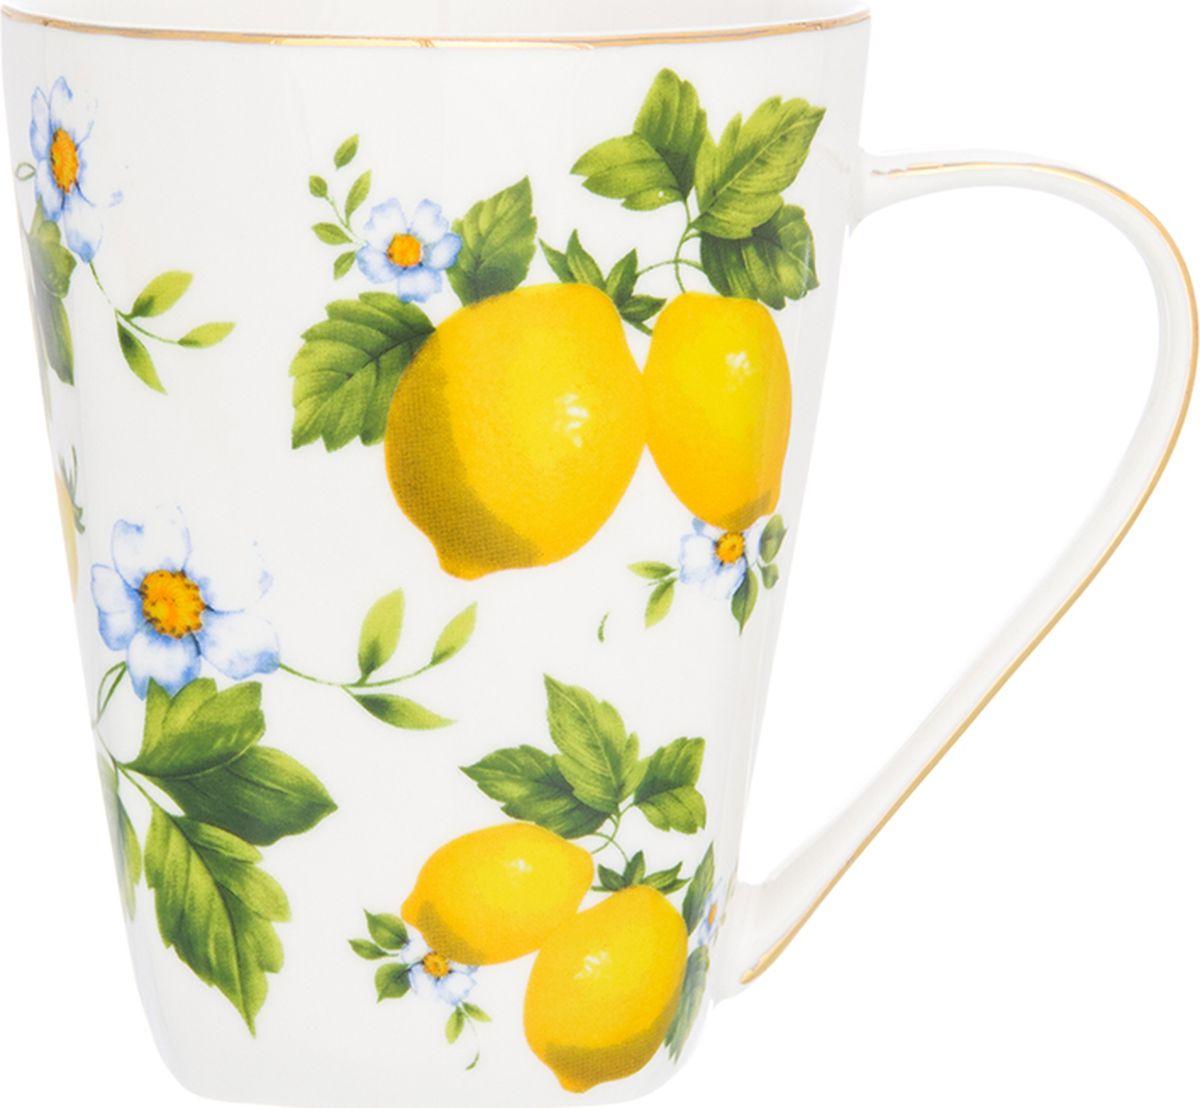 Кружка Elan Gallery Лимон высокая, 420 мл. 502751502751Кружка классической формы объемом 420 мл с удобной ручкой. Подходят для любых горячих и холодных напитков, чая, кофе, какао. Изделие имеет подарочную упаковку, поэтому станет желанным подарком для Ваших близких!